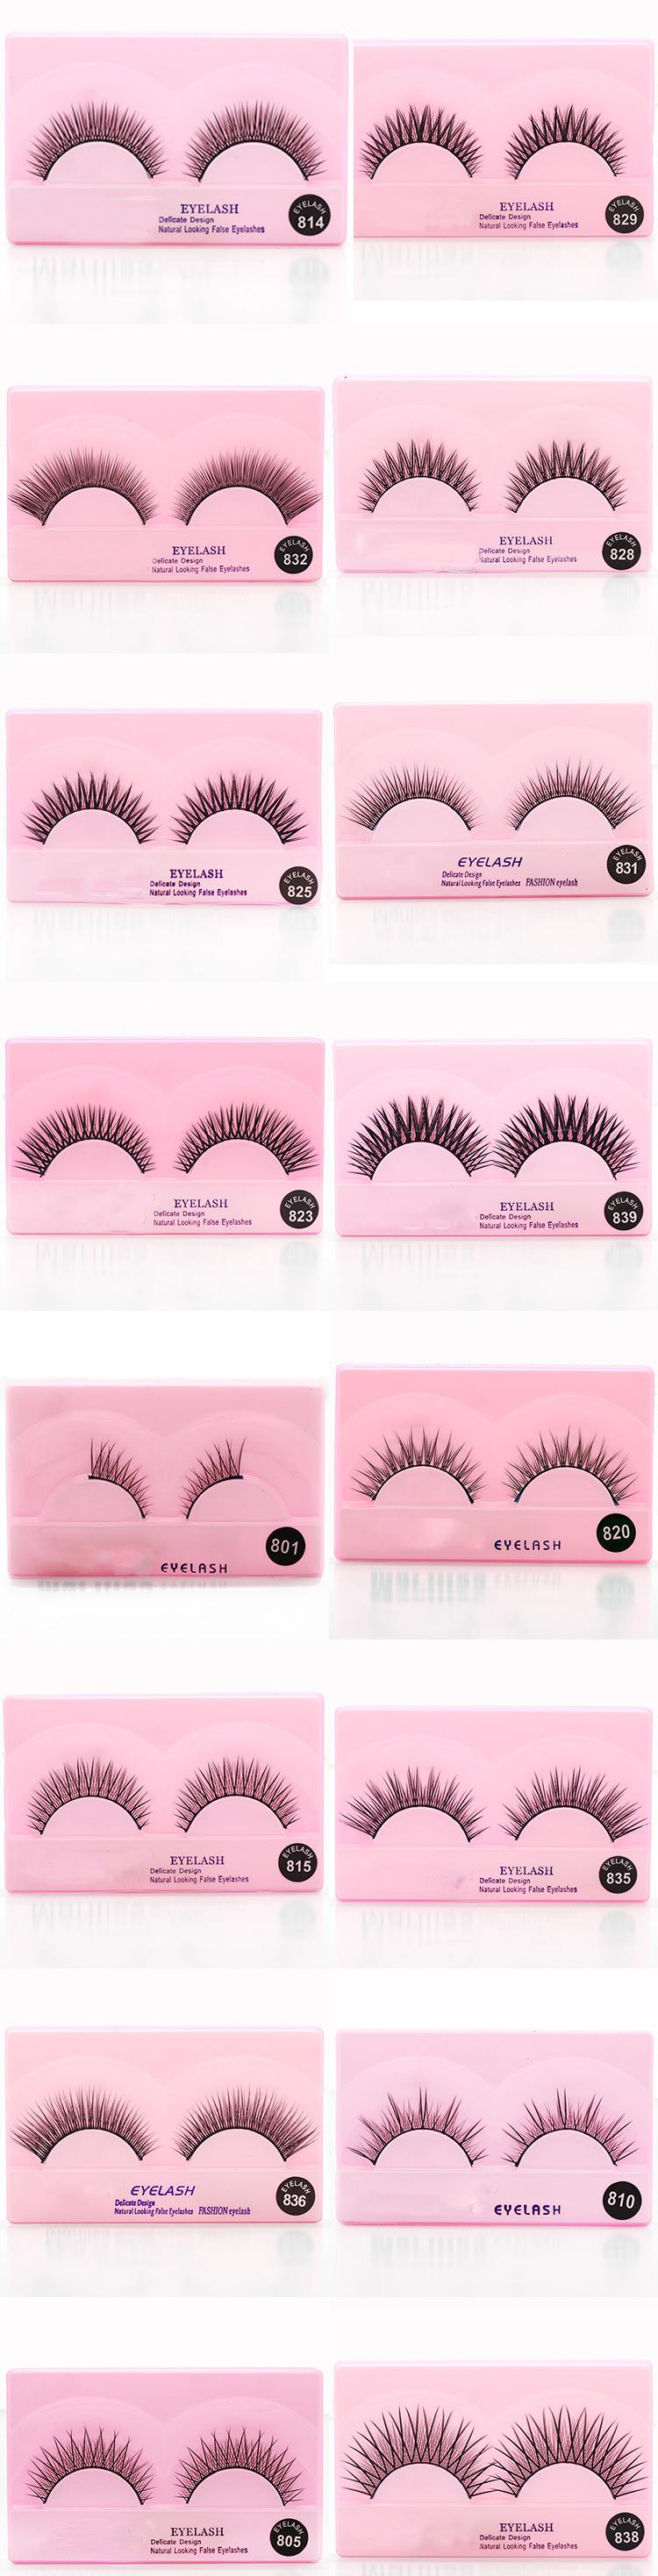 Synthetic Silk Eyelash Distributors False Eyelashes Manufacturer